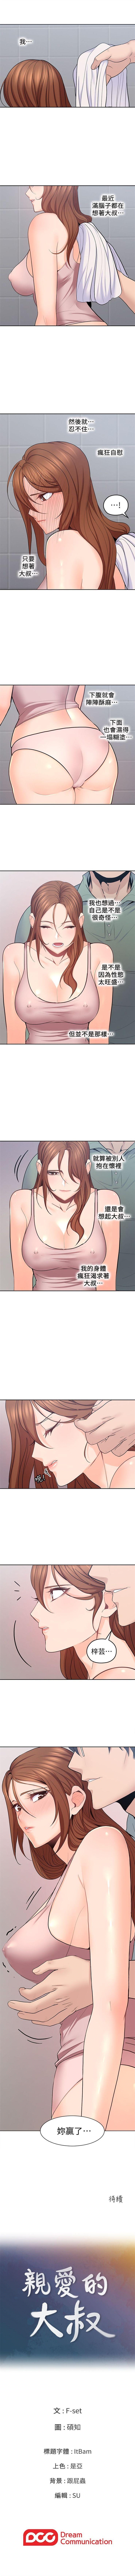 (週4)親愛的大叔 1-39 中文翻譯(更新中) 127